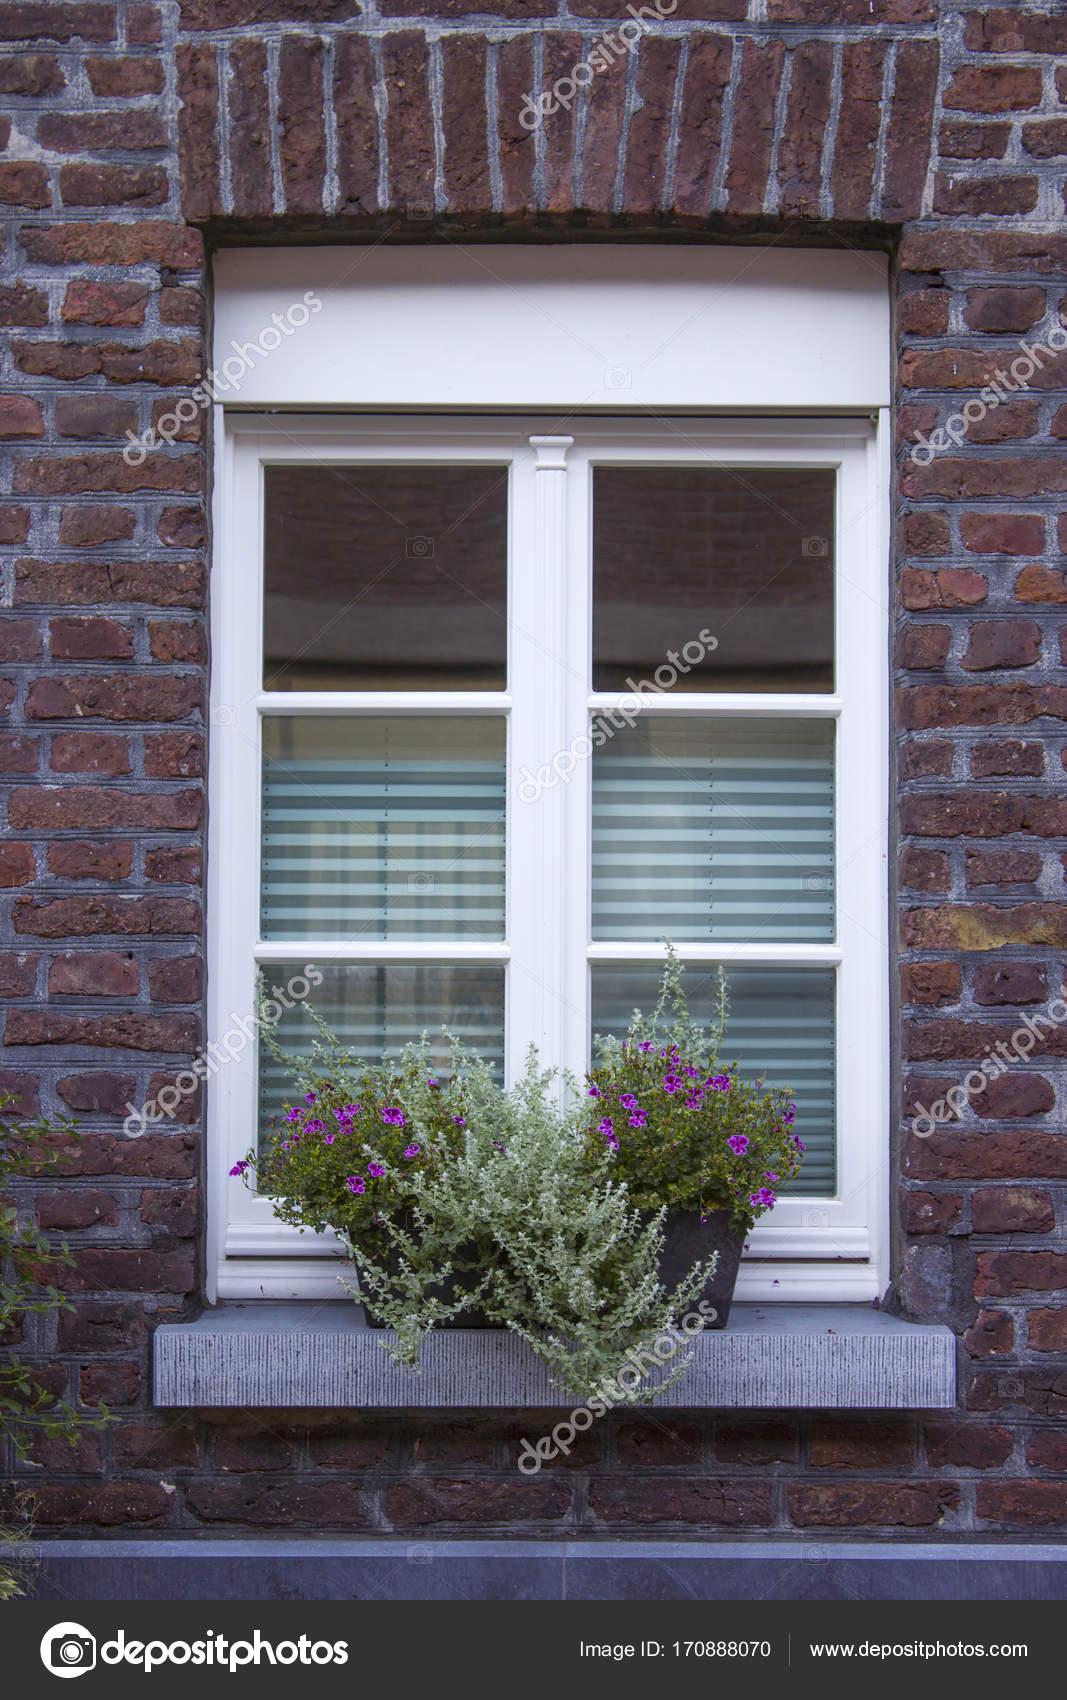 Wand mit Fenstern und Blumenkästen mit blühenden Pflanzen ...